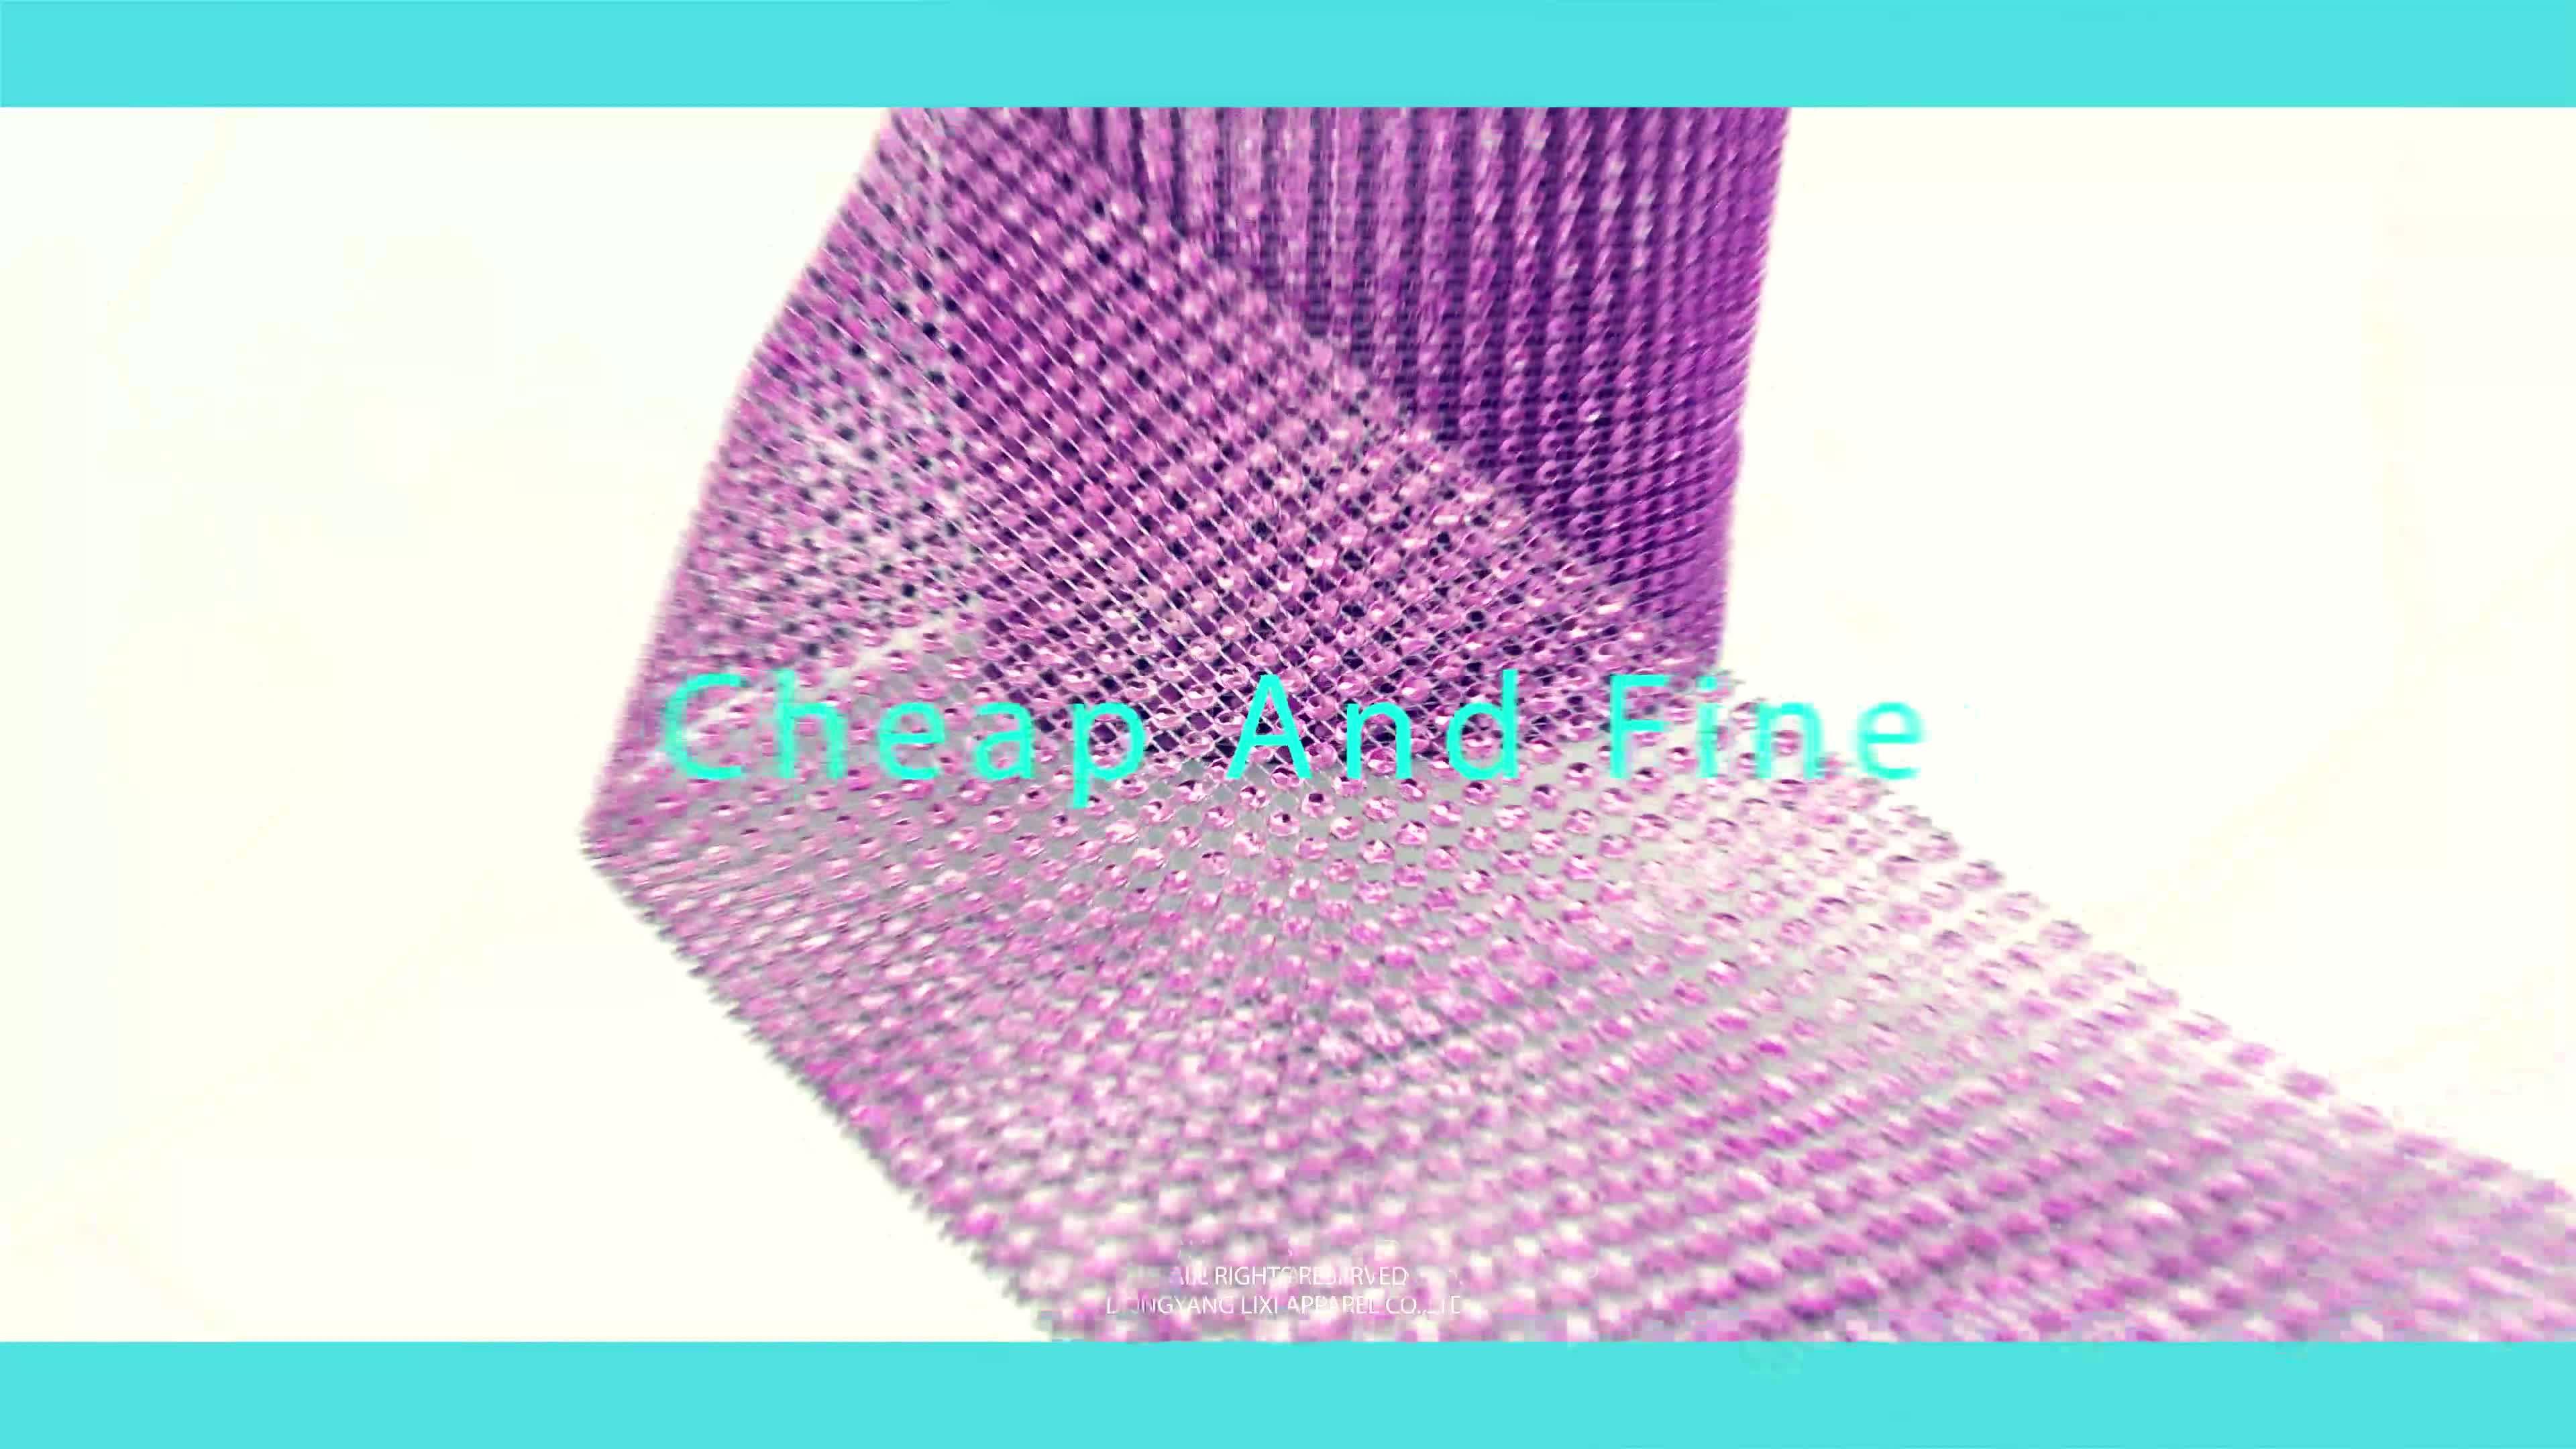 Mengkilap 30 Baris Ss3.5 Kristal LCT Warna Batu Mesh Hitam Dasar Plastik Berlian Imitasi Berlian Imitasi Pita untuk Pernikahan Dekorasi